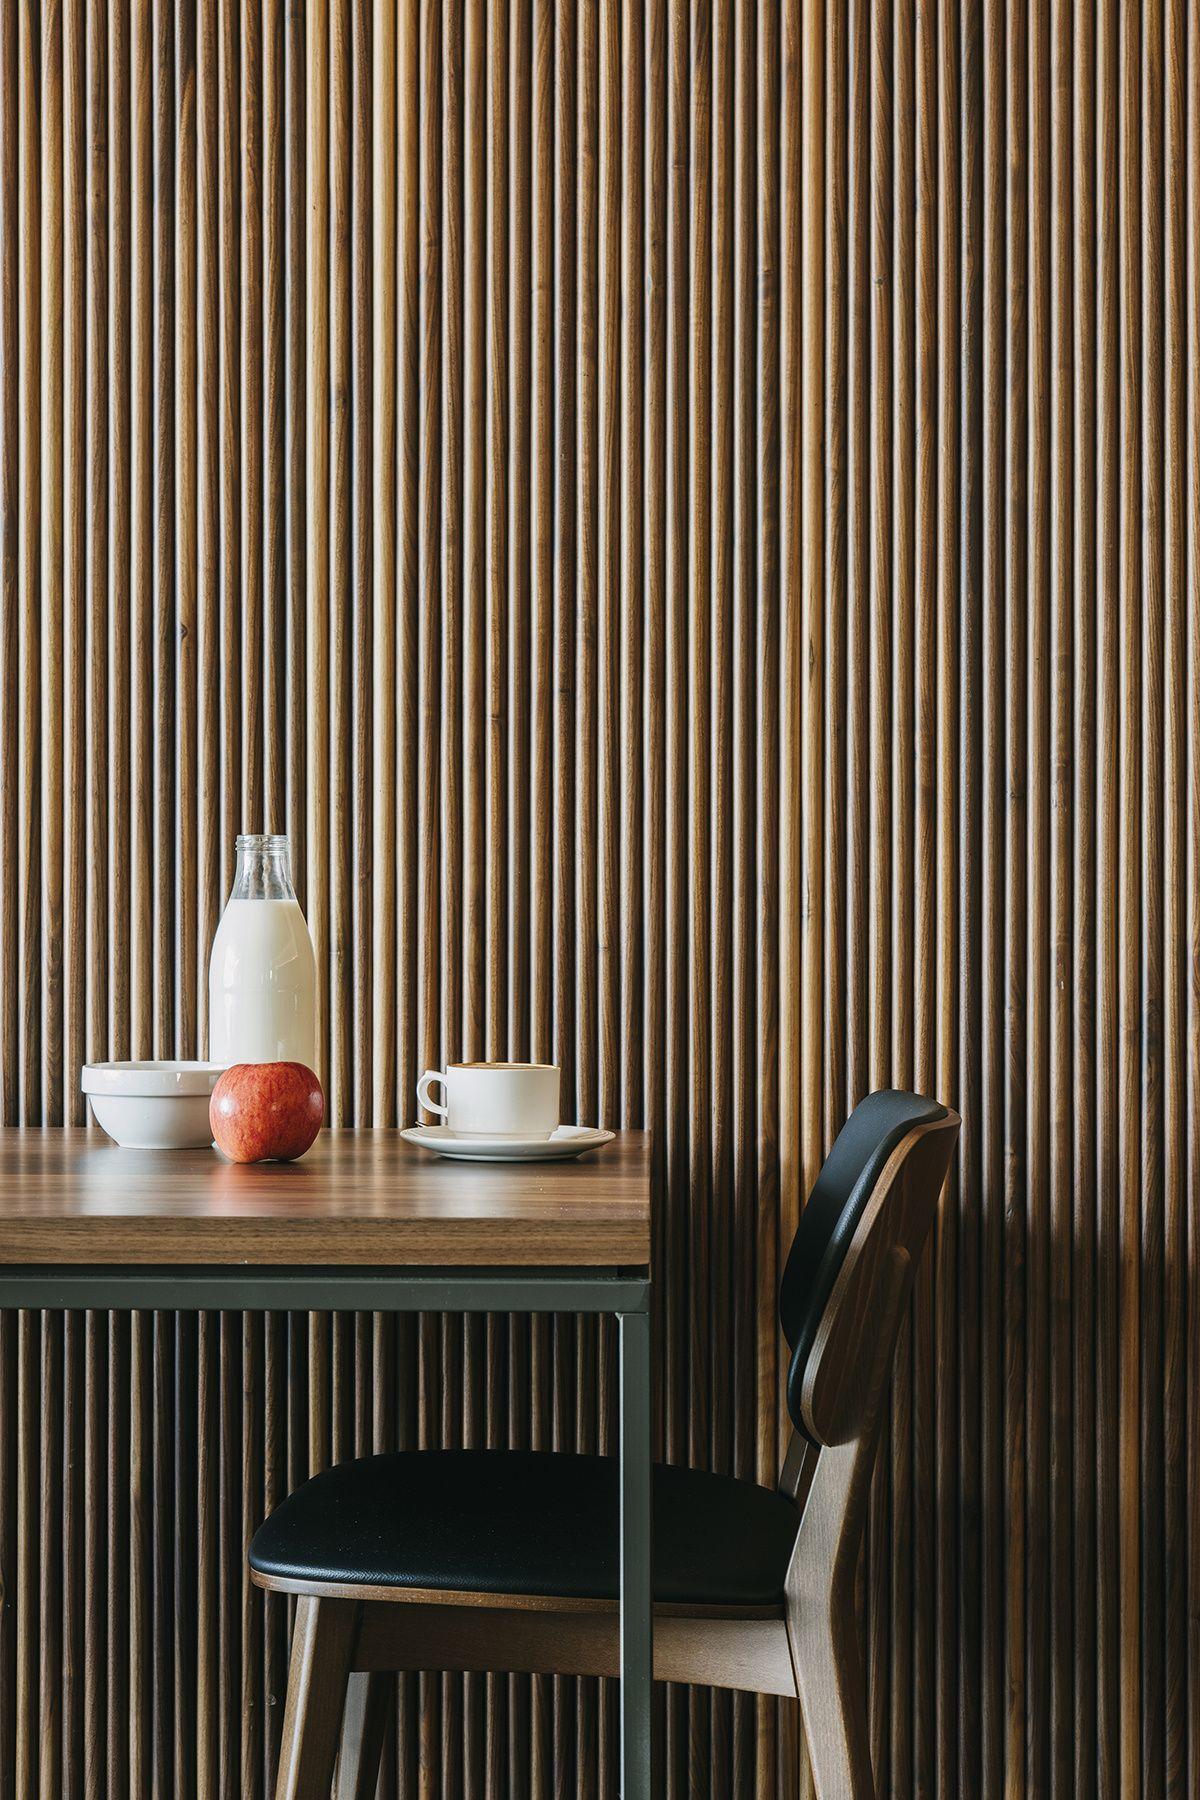 Restaurante Panorama Ad Espa A Salva L Pez Wallpapers  # Muebles Van Gogh Valladolid